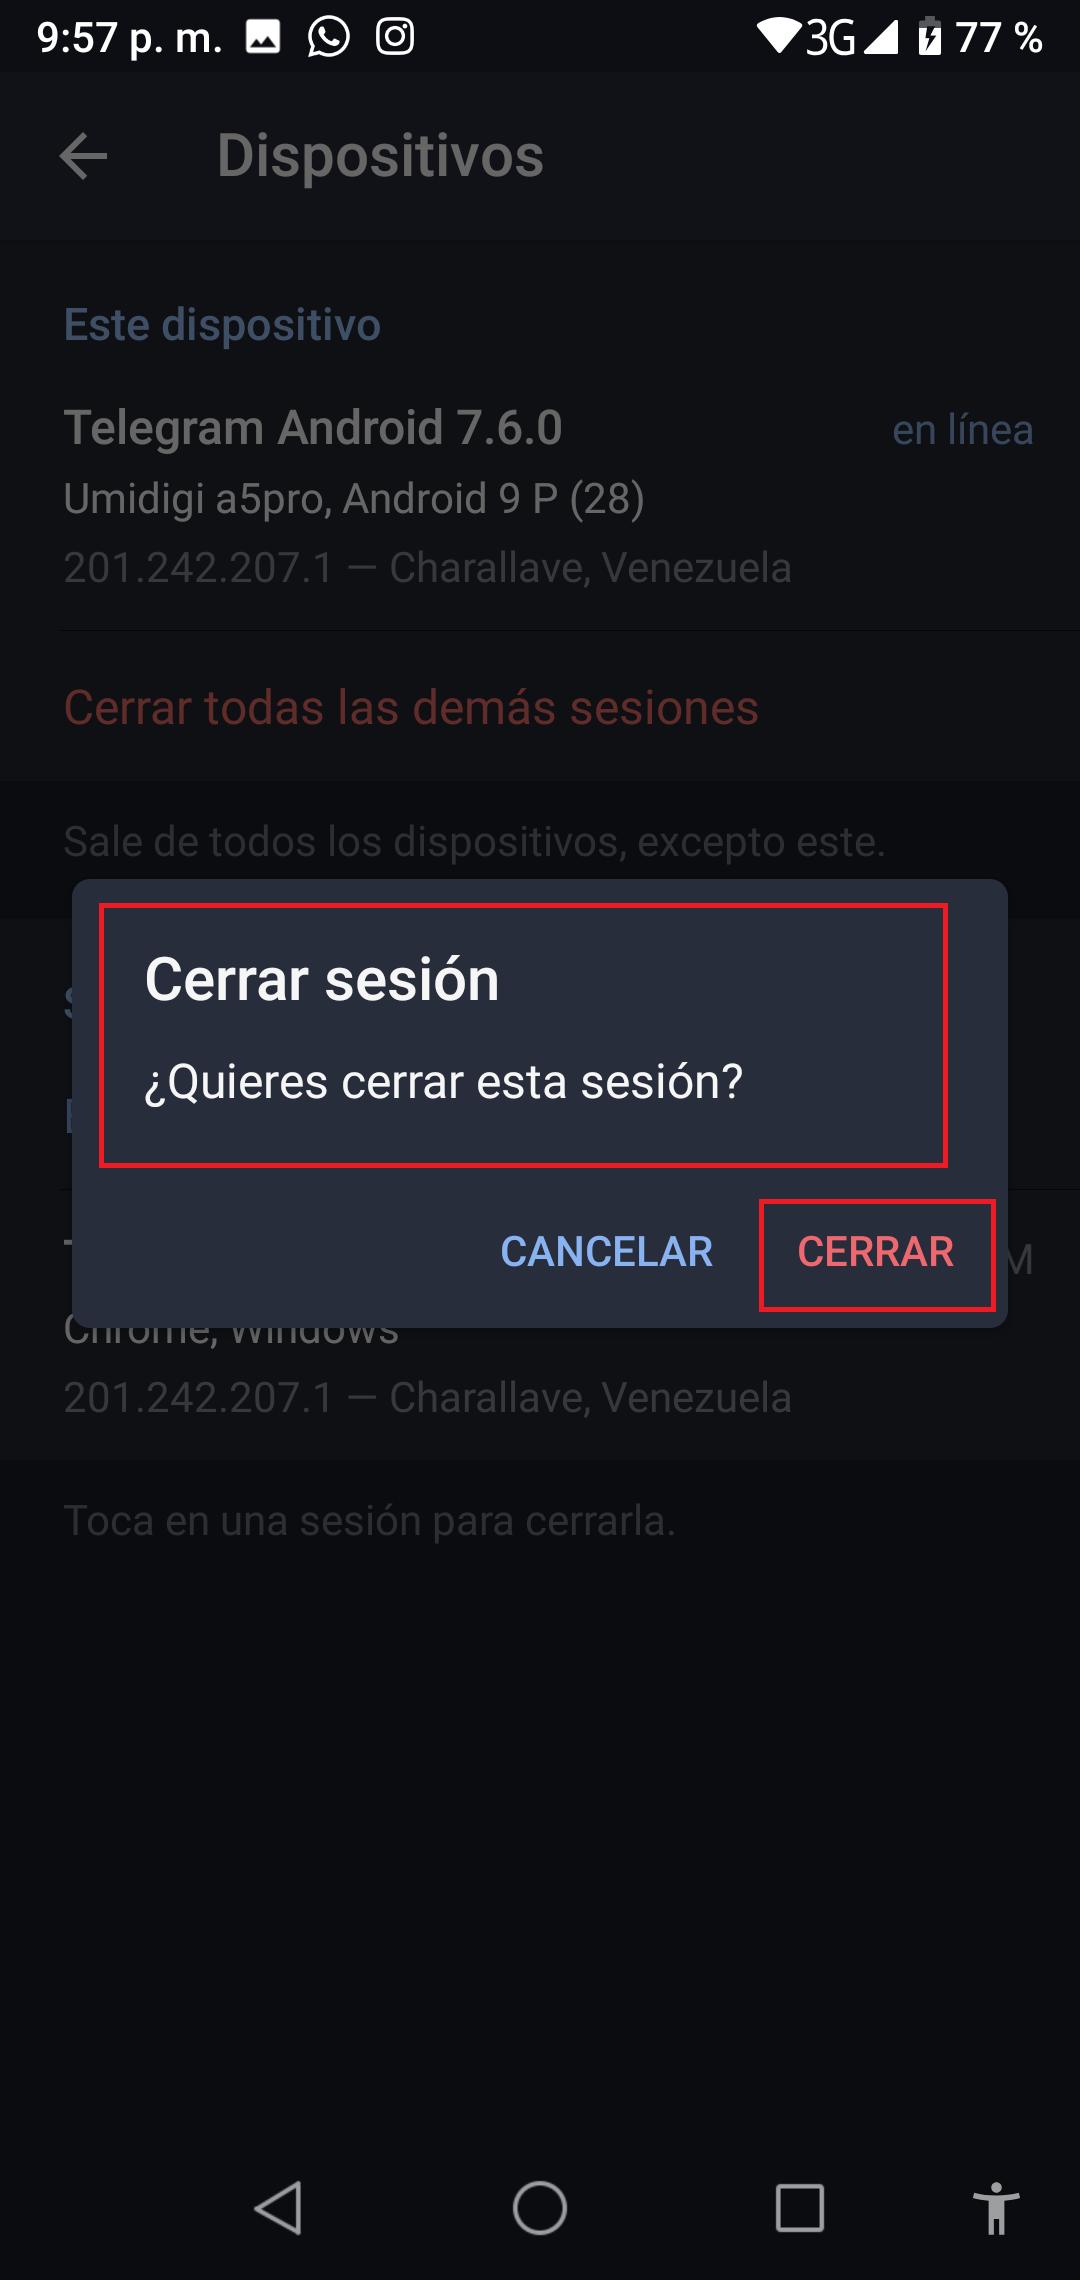 Quieres Cerrar esta Sesión